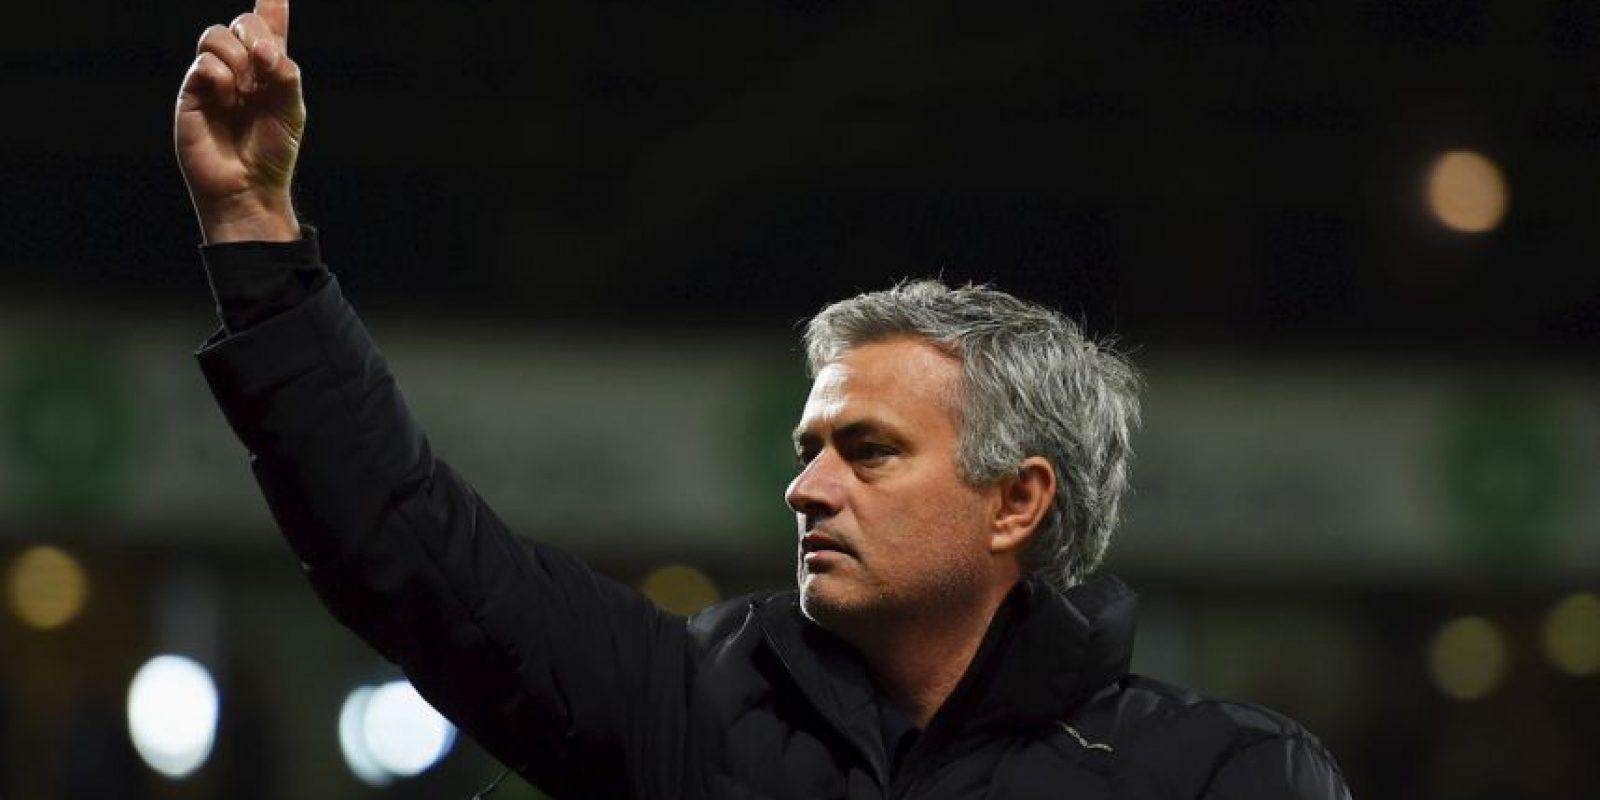 De ahí pasó al FC Porto donde se dio a conocer como entrenador al ganar la Champions League en 2004. Foto:Getty Images